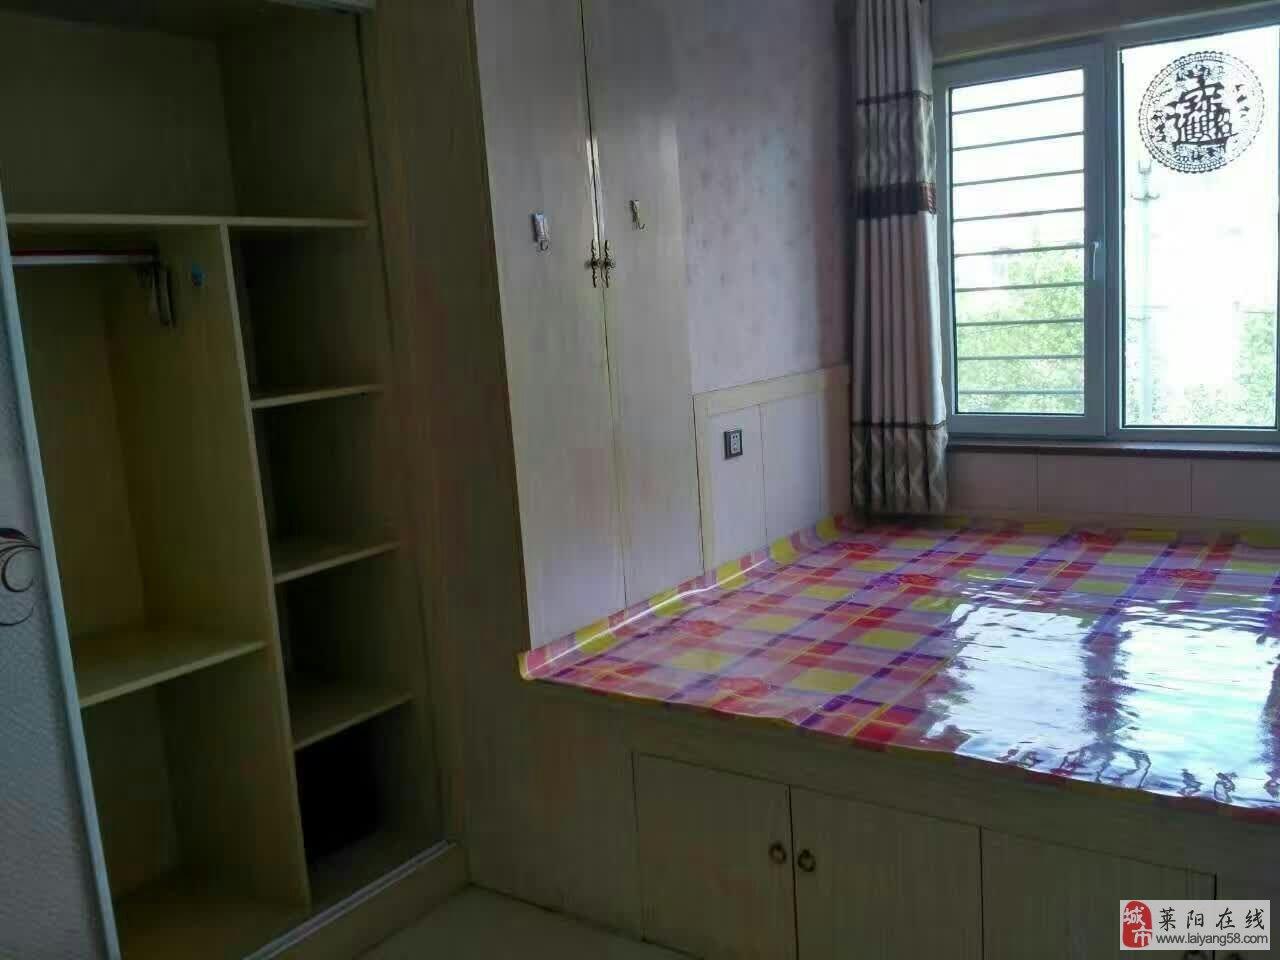 m派顿精装修两室一厅公寓,家具家电齐全,地暖